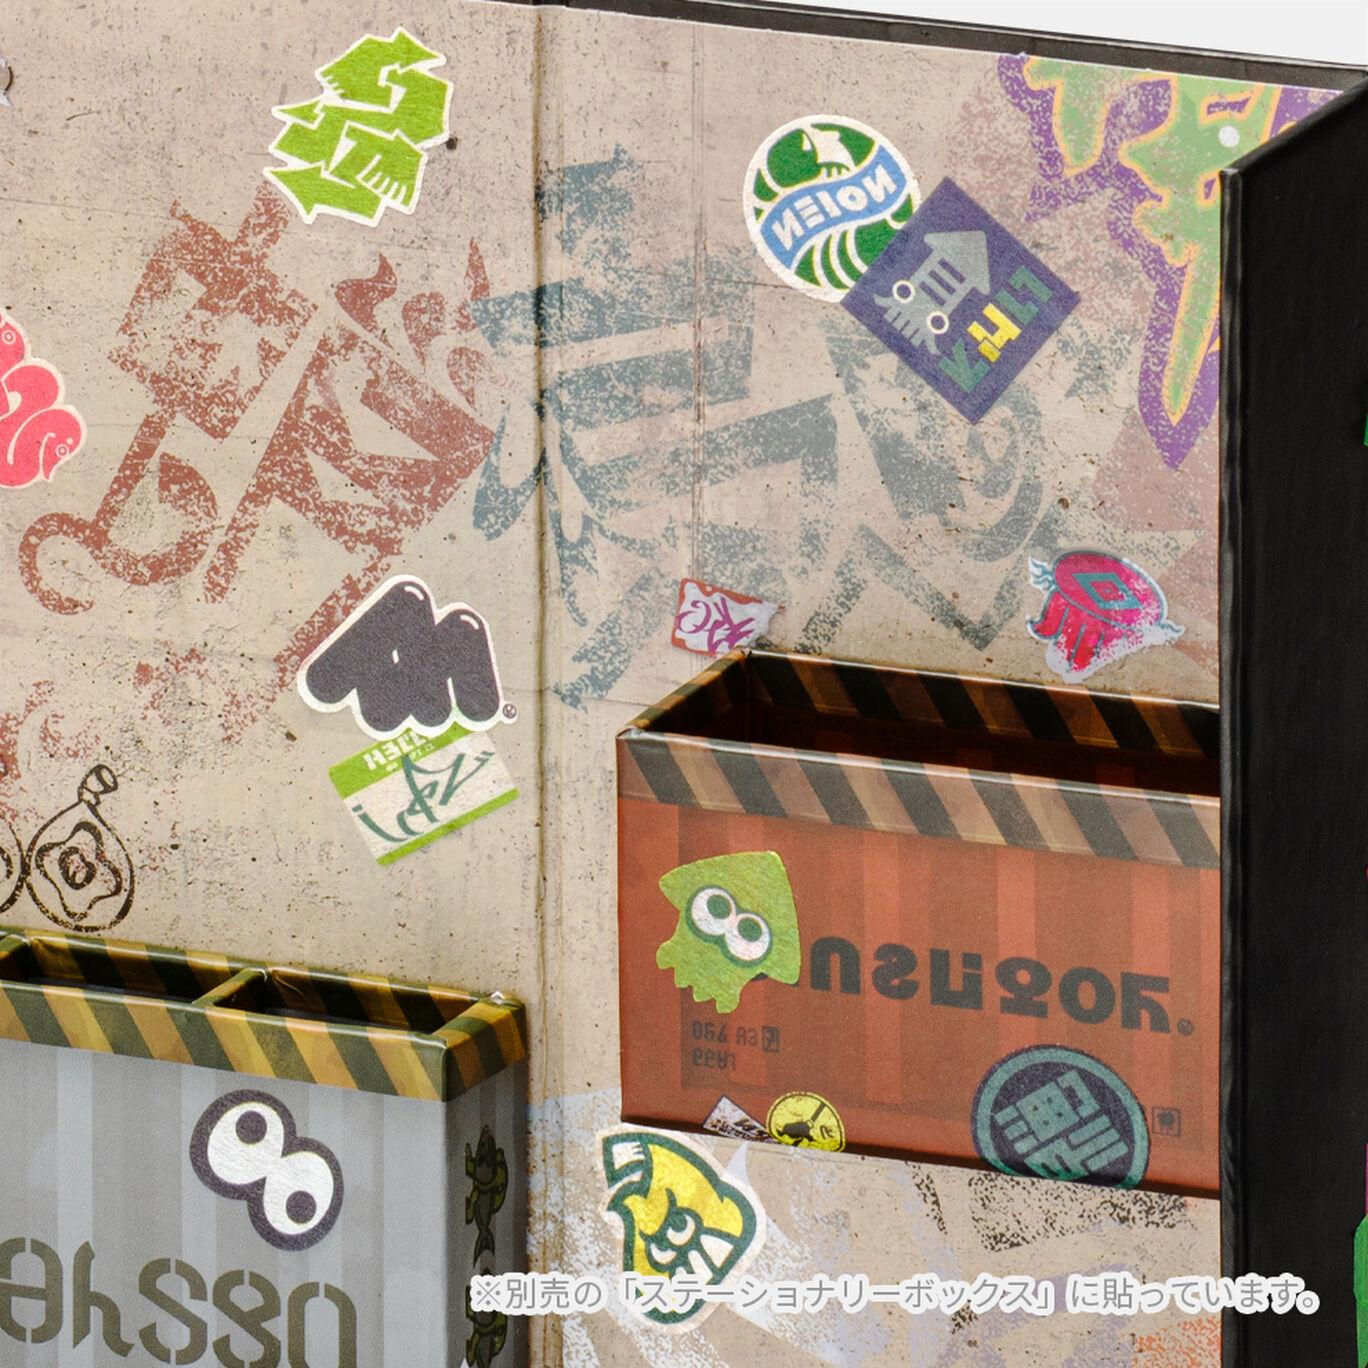 【新商品】ロールフレークシール&マスキングテープ イカ SQUID or OCTO Splatoon【Nintendo TOKYO取り扱い商品】